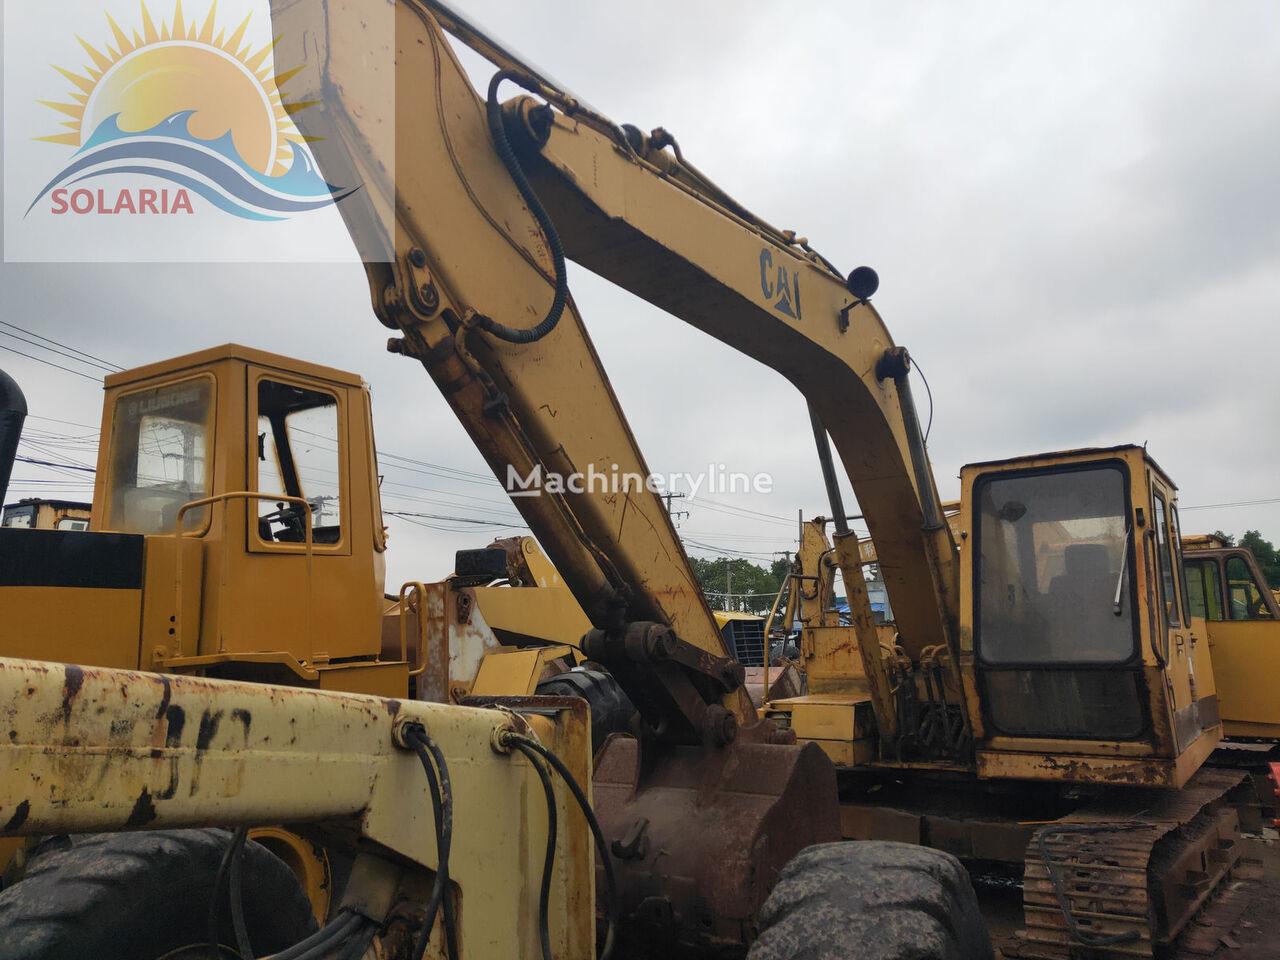 CATERPILLAR E120B excavadora de orugas